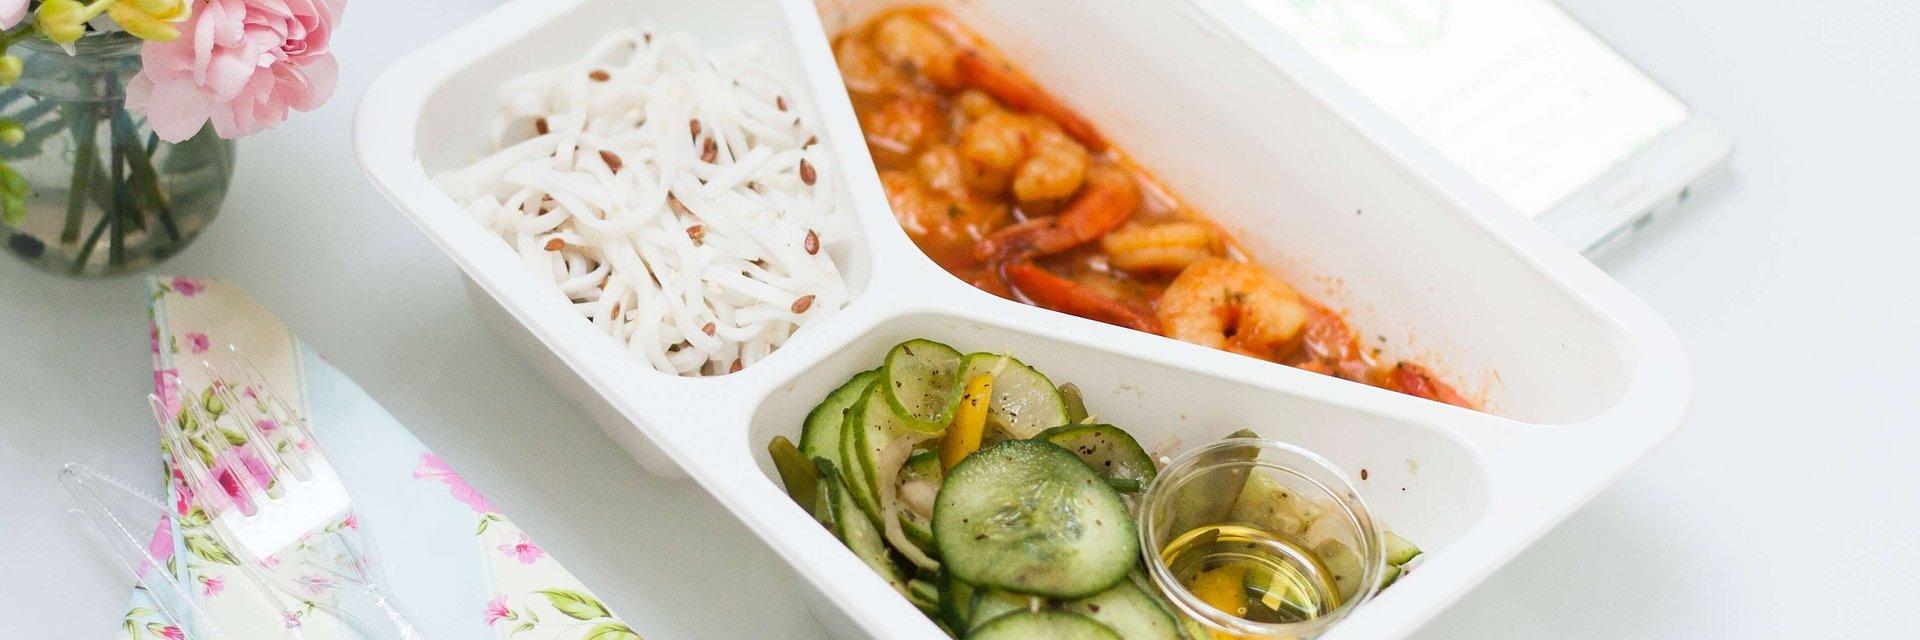 Firmy z branży cateringu dietetycznego powołały swoje stowarzyszenie przedsiębiorców